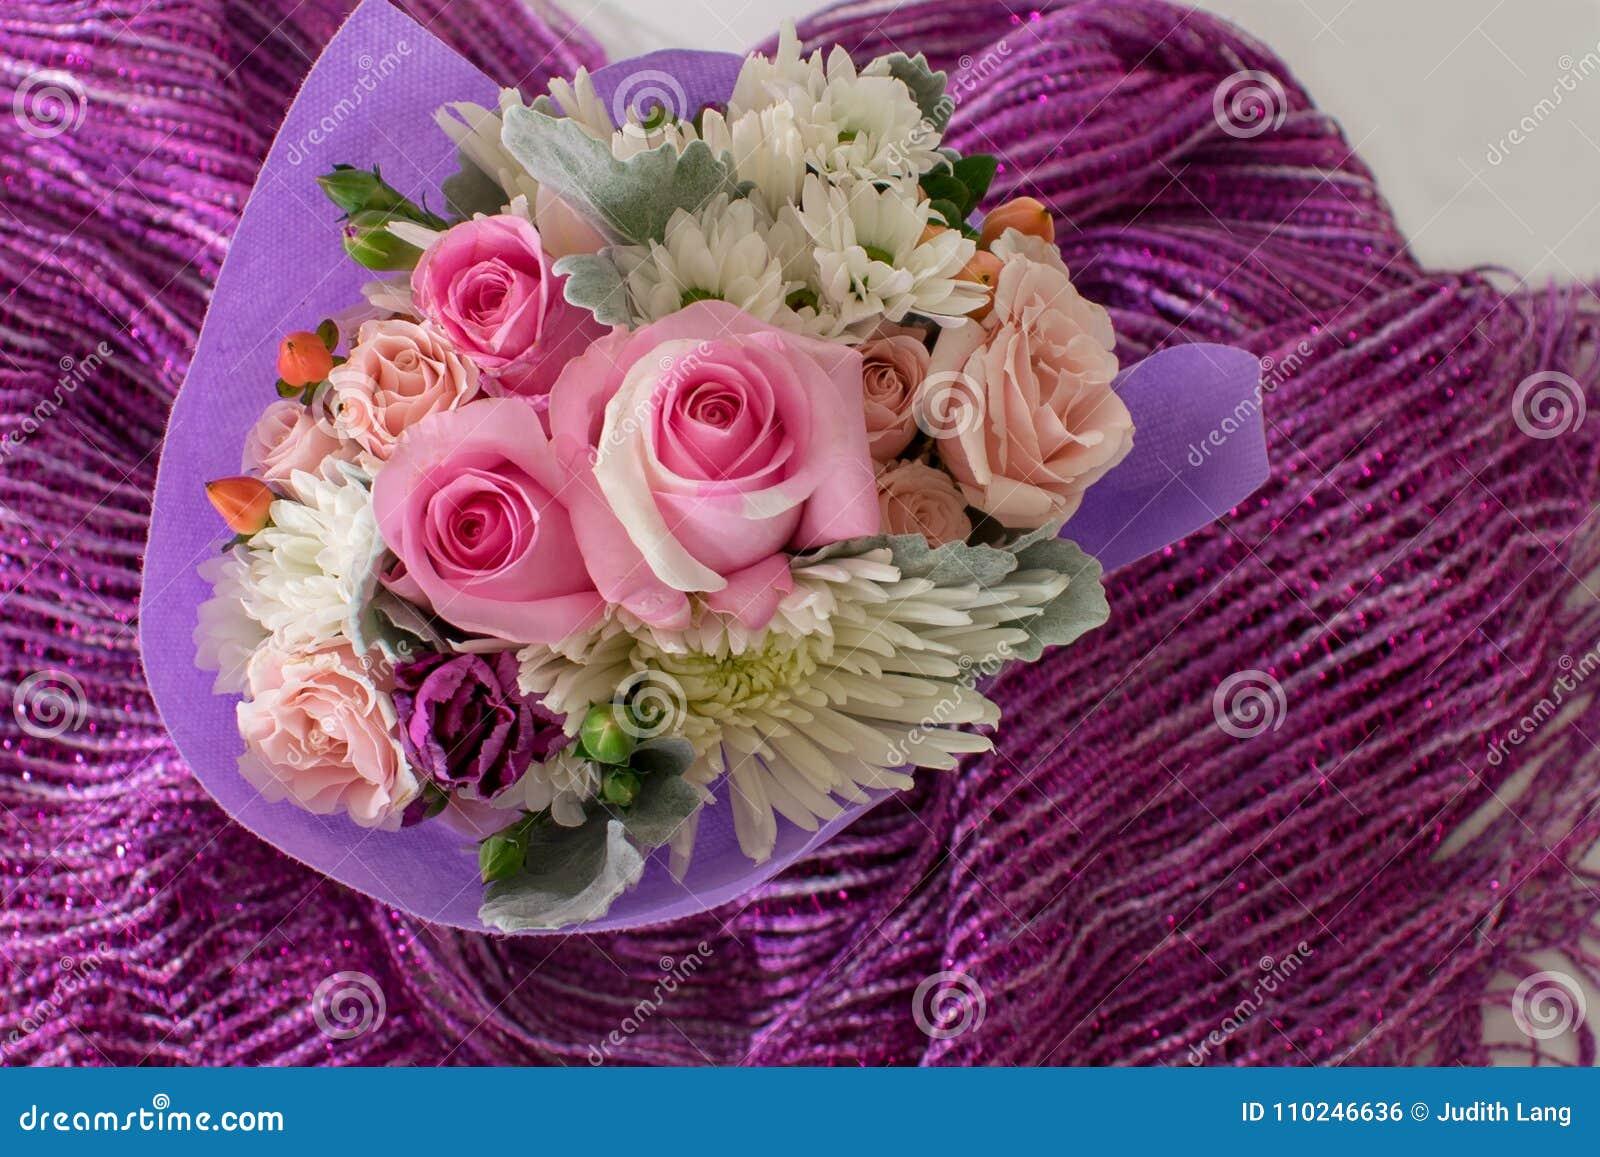 Ανθοδέσμη των μικρών τριαντάφυλλων και άλλων μικτών λουλουδιών στο πορφυρό ύφασμα